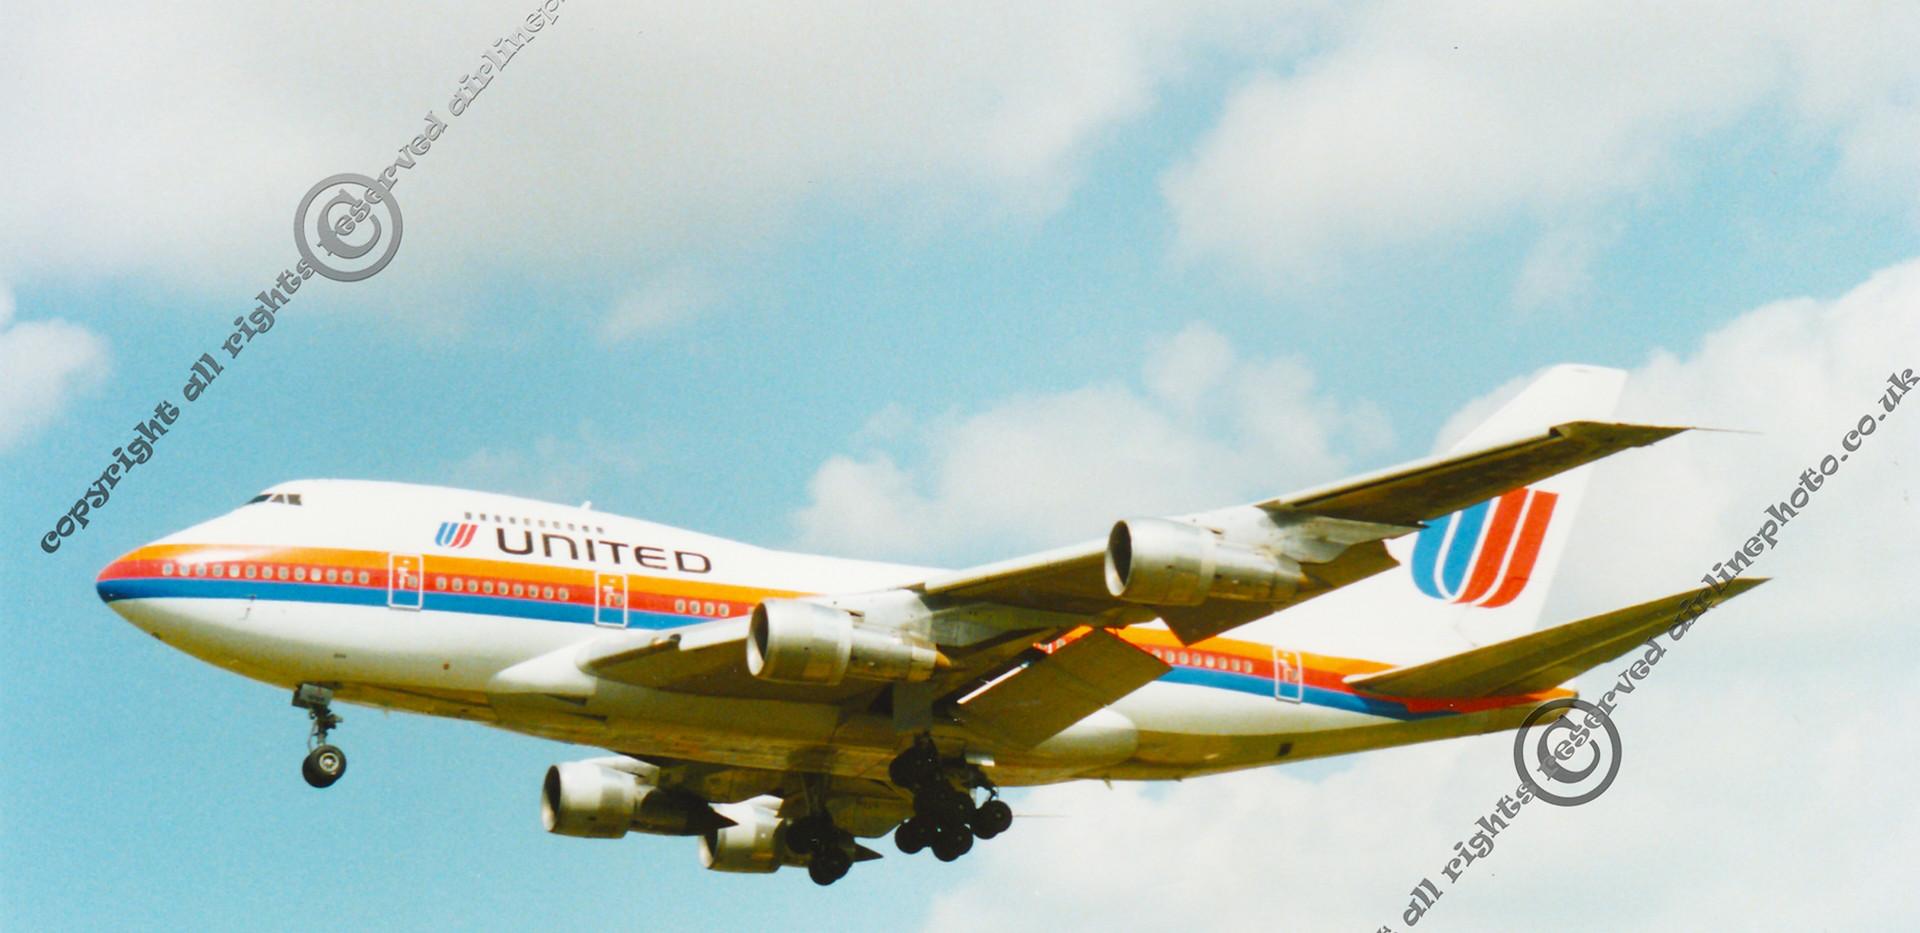 United-airlines-747-Heathrow-1991.jpg